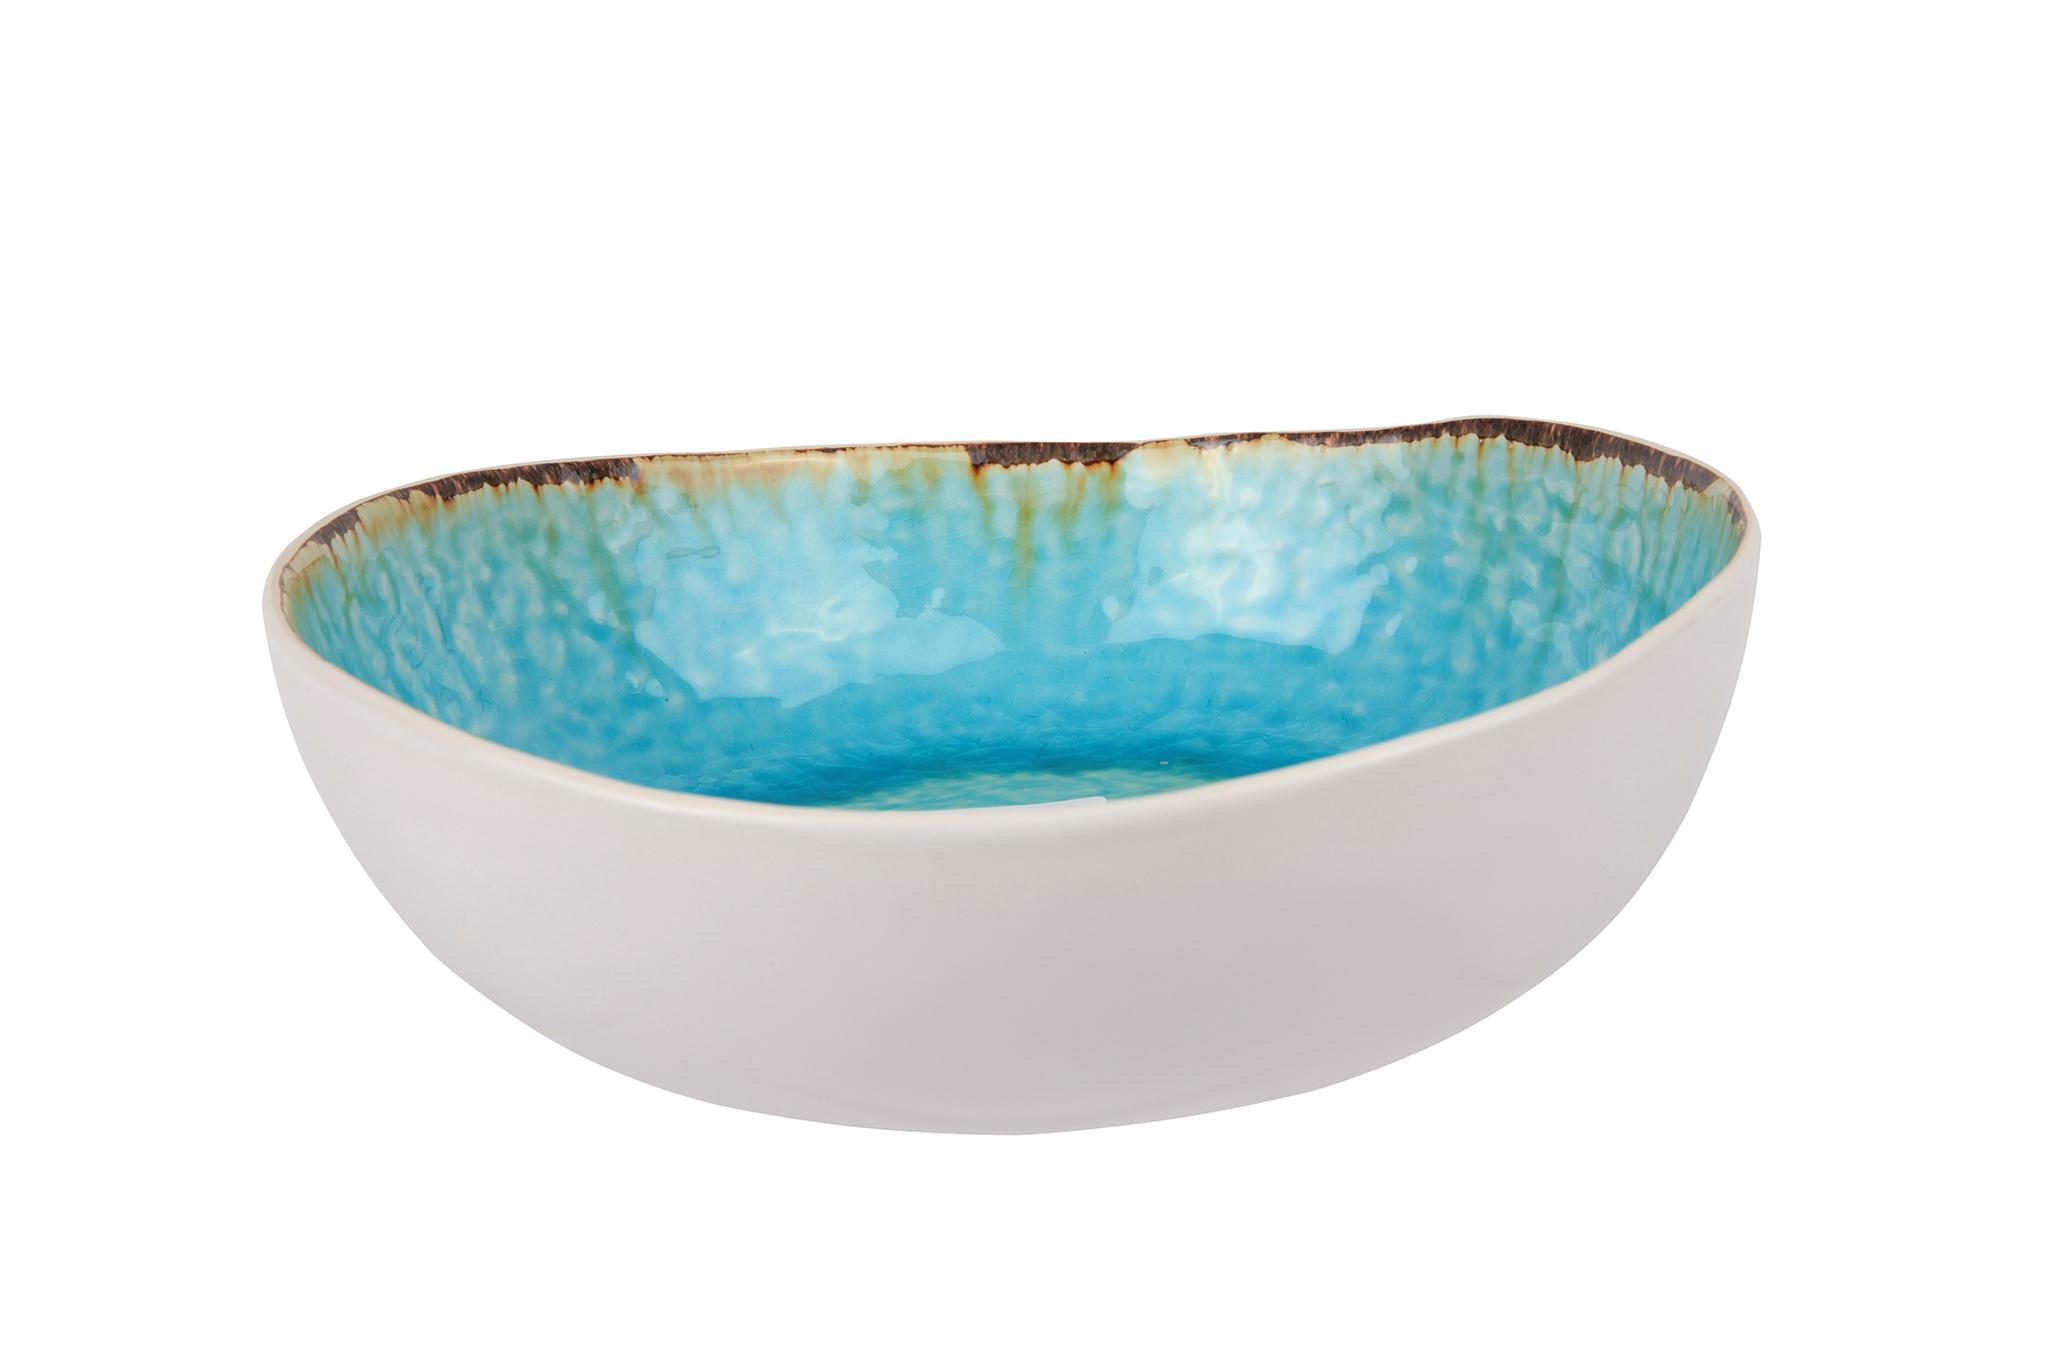 Миска для салата 21х20х6,5 см COSY&amp;TRENDY Laguna azzuro 3155606Салатники<br>Миска для салата 21х20х6,5 см COSY&amp;TRENDY Laguna azzuro 3155606<br><br>Эта коллекция из каменной керамики поражает удивительным цветом, текстурой и формой. Ярко-голубой оттенок с волнистым рельефом погружают в райскую лагуну. Органические края для дополнительного дизайна. Коллекция Laguna Azzuro воссоздает исключительный внешний вид приготовленных блюд.<br>